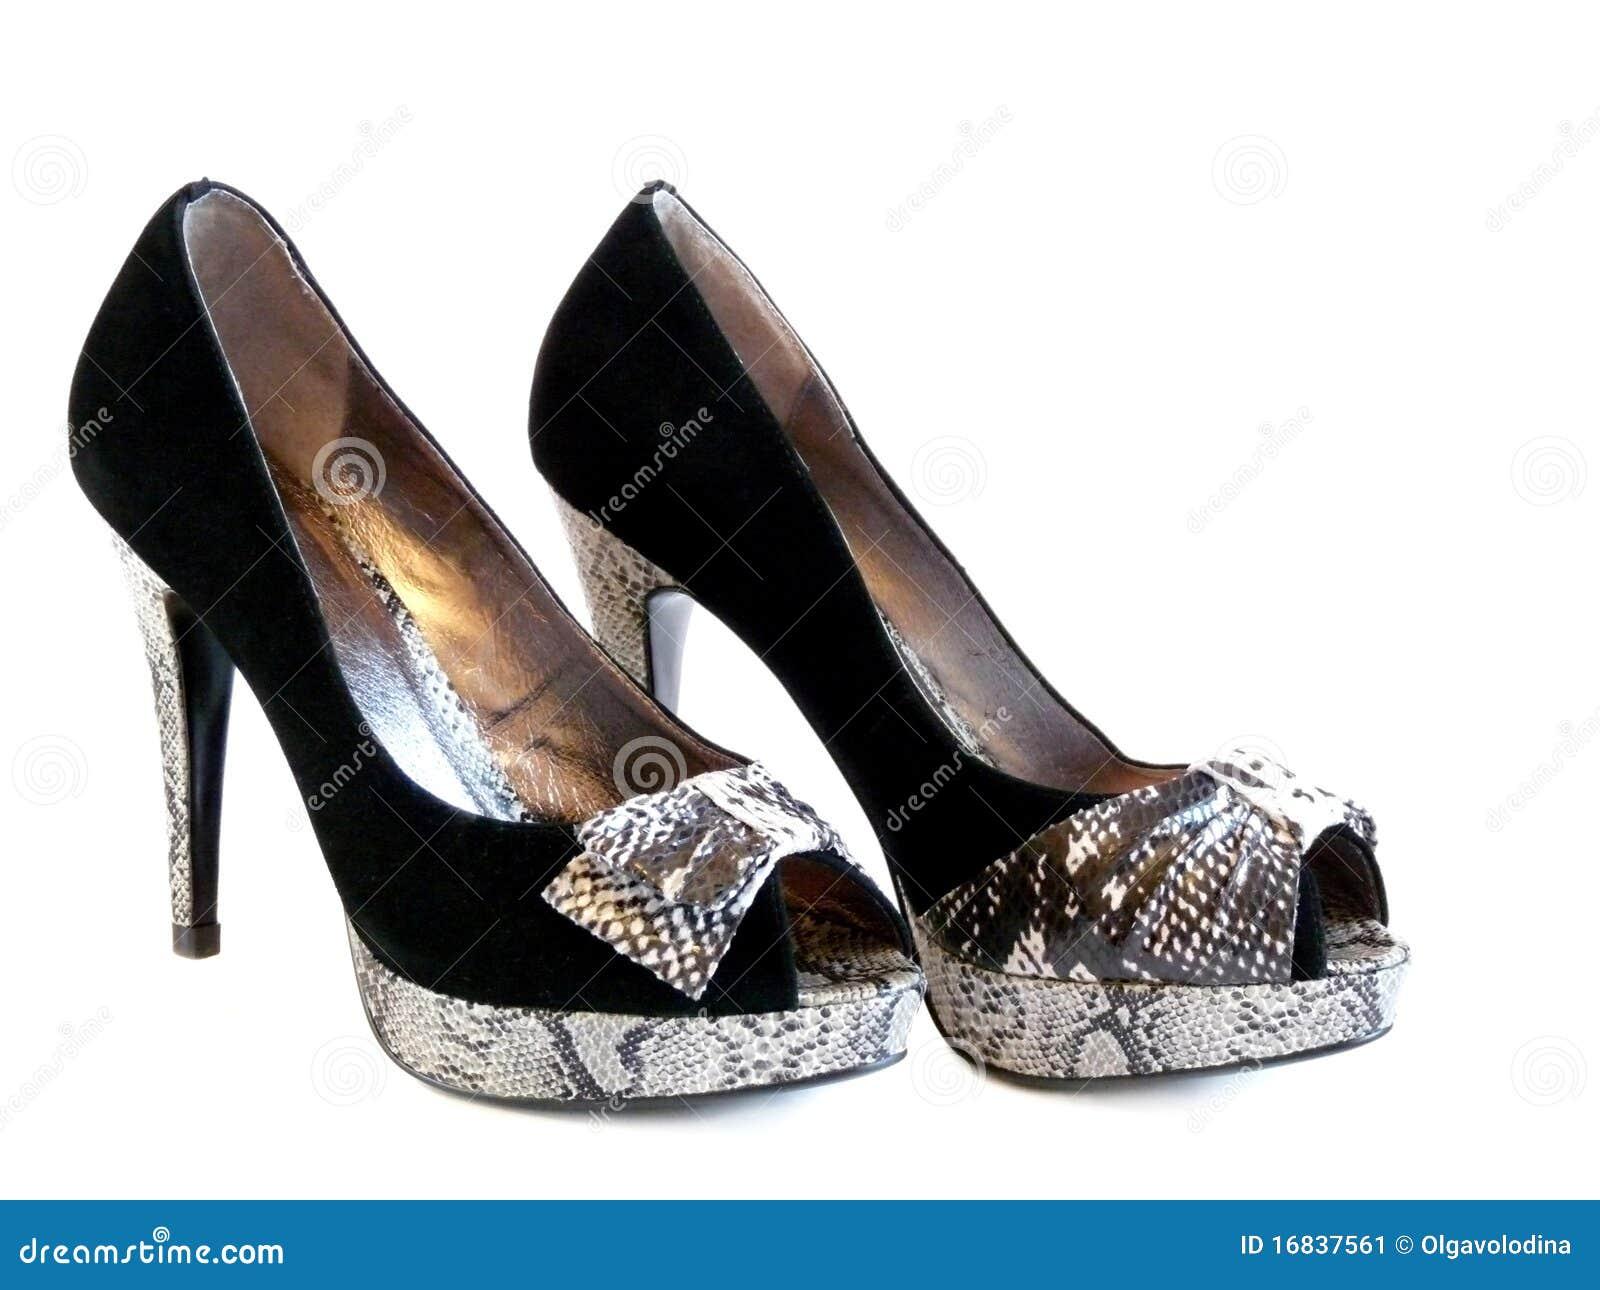 Stylish Women's Shoes Isolated Stock Image - Image: 16837561